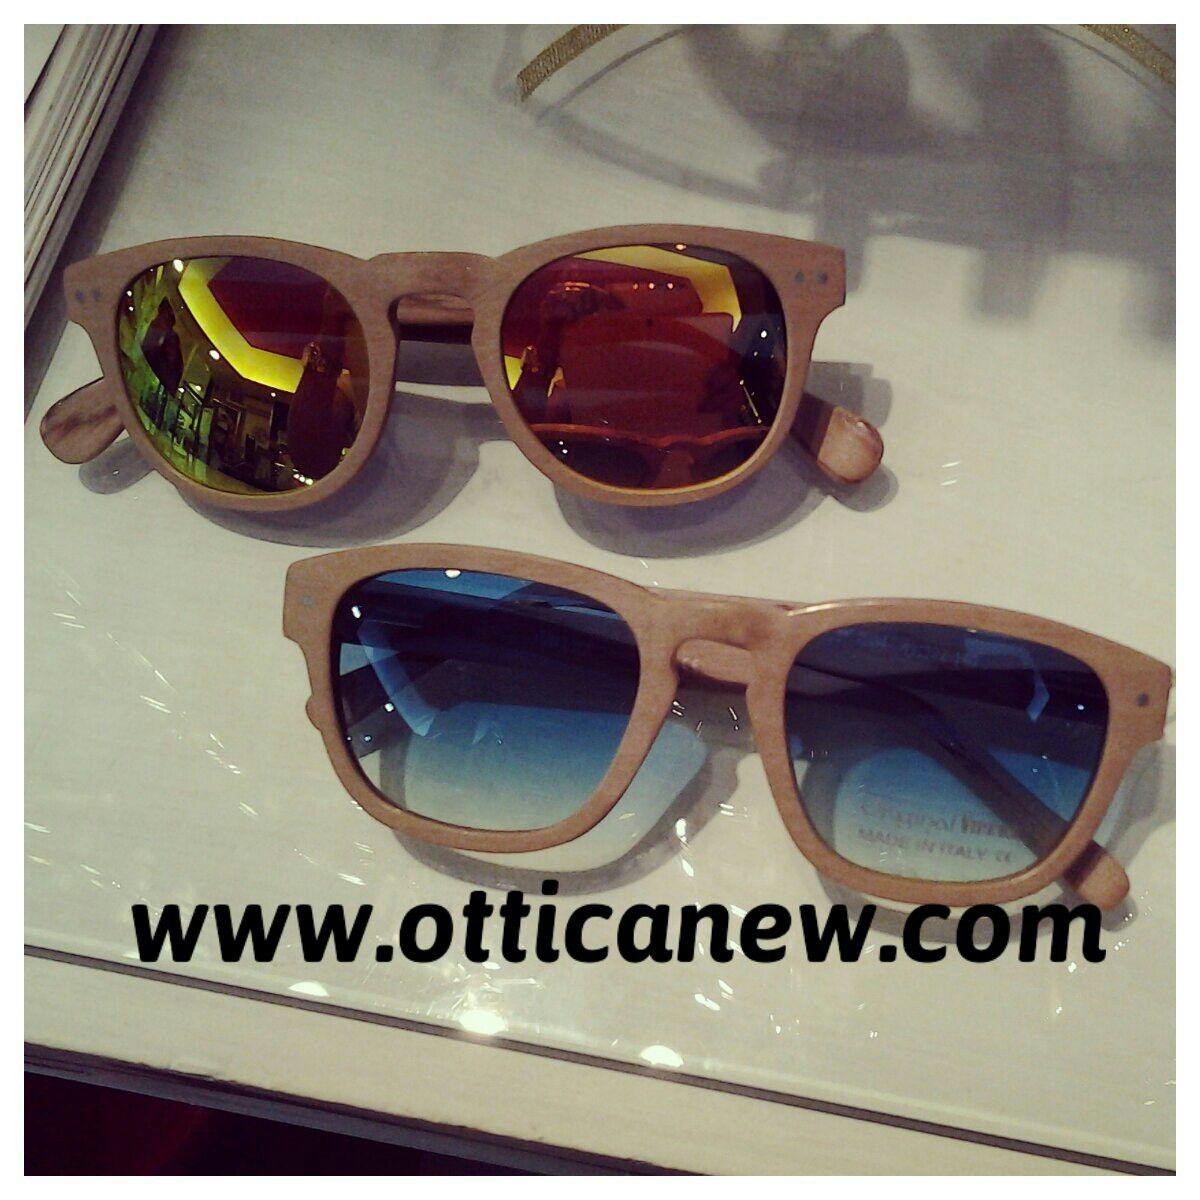 Occhiale di legno #sun #sunglasses #like #love #occhiale #legno costo ...